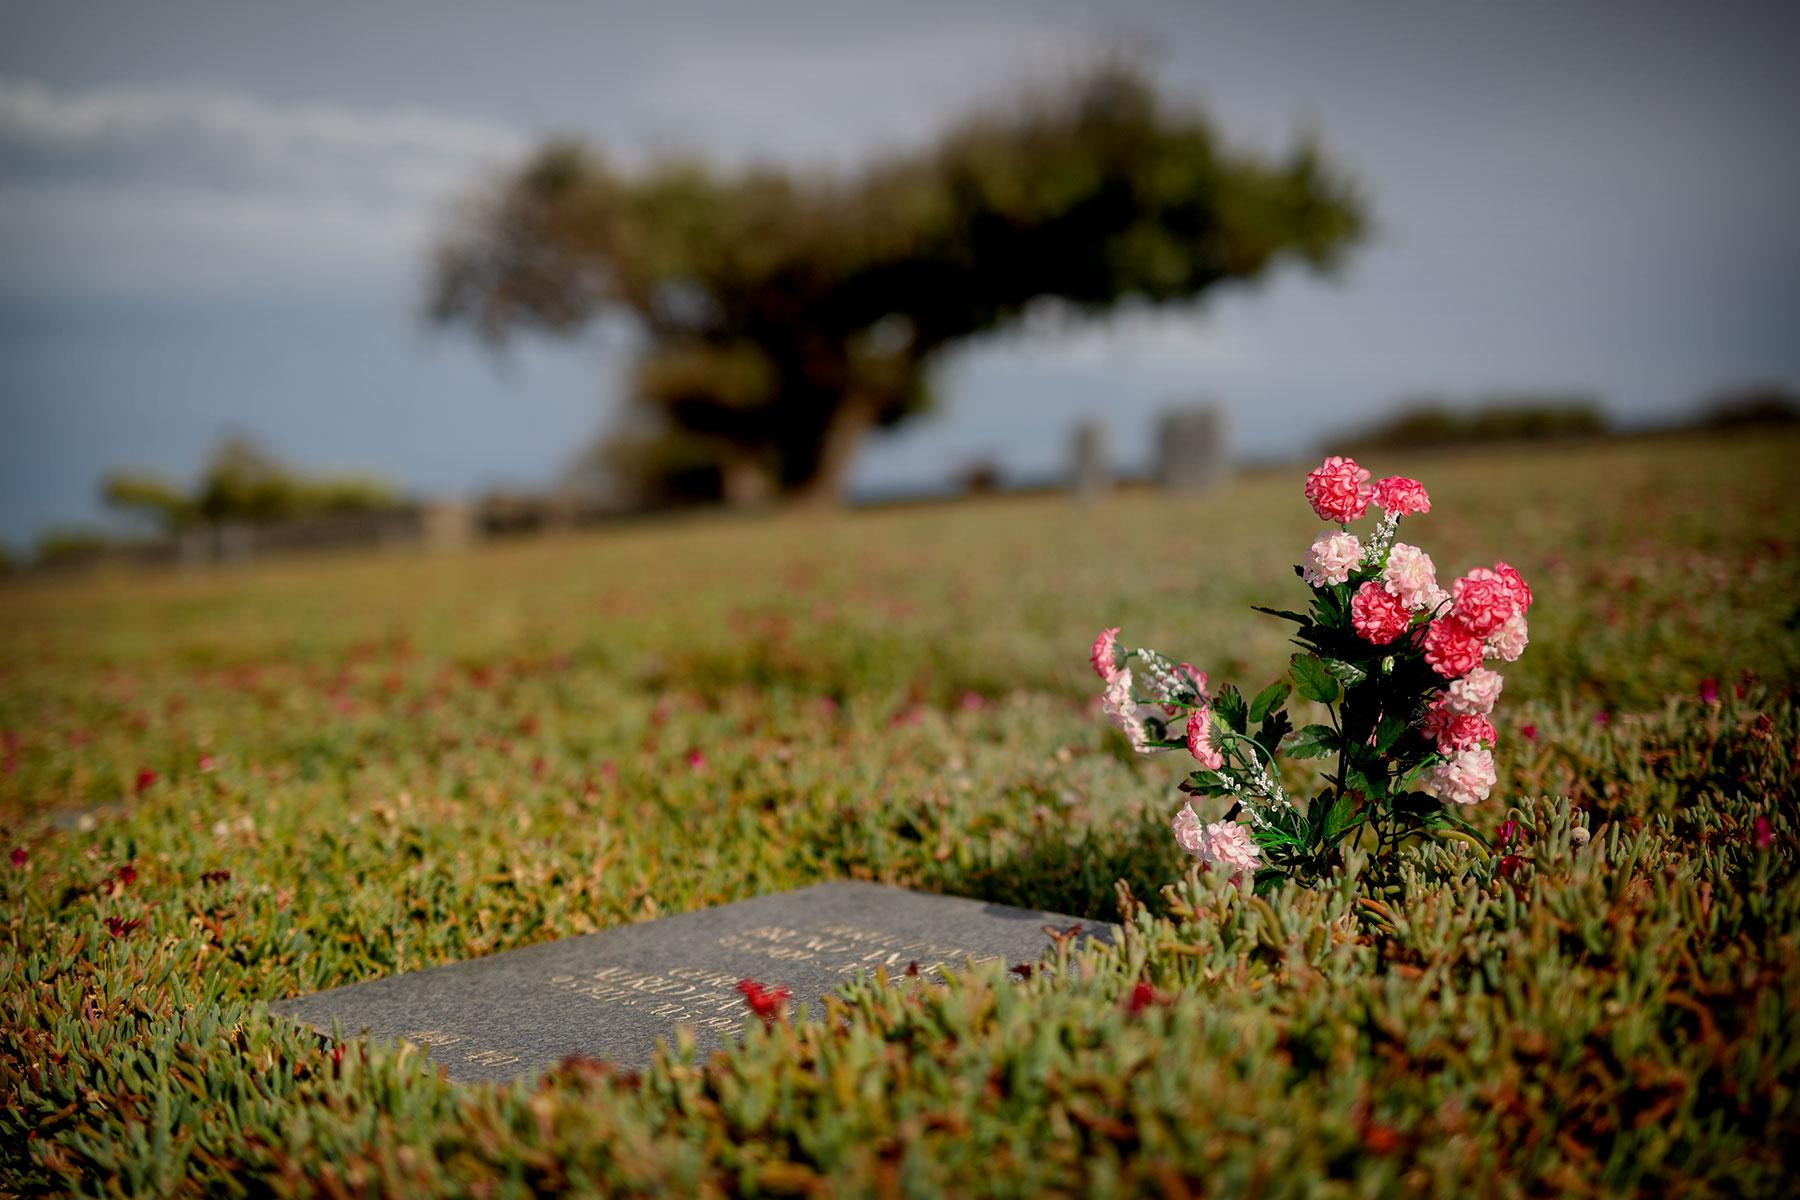 blogg-190501deutschersoldatenfriedhof9.jpg